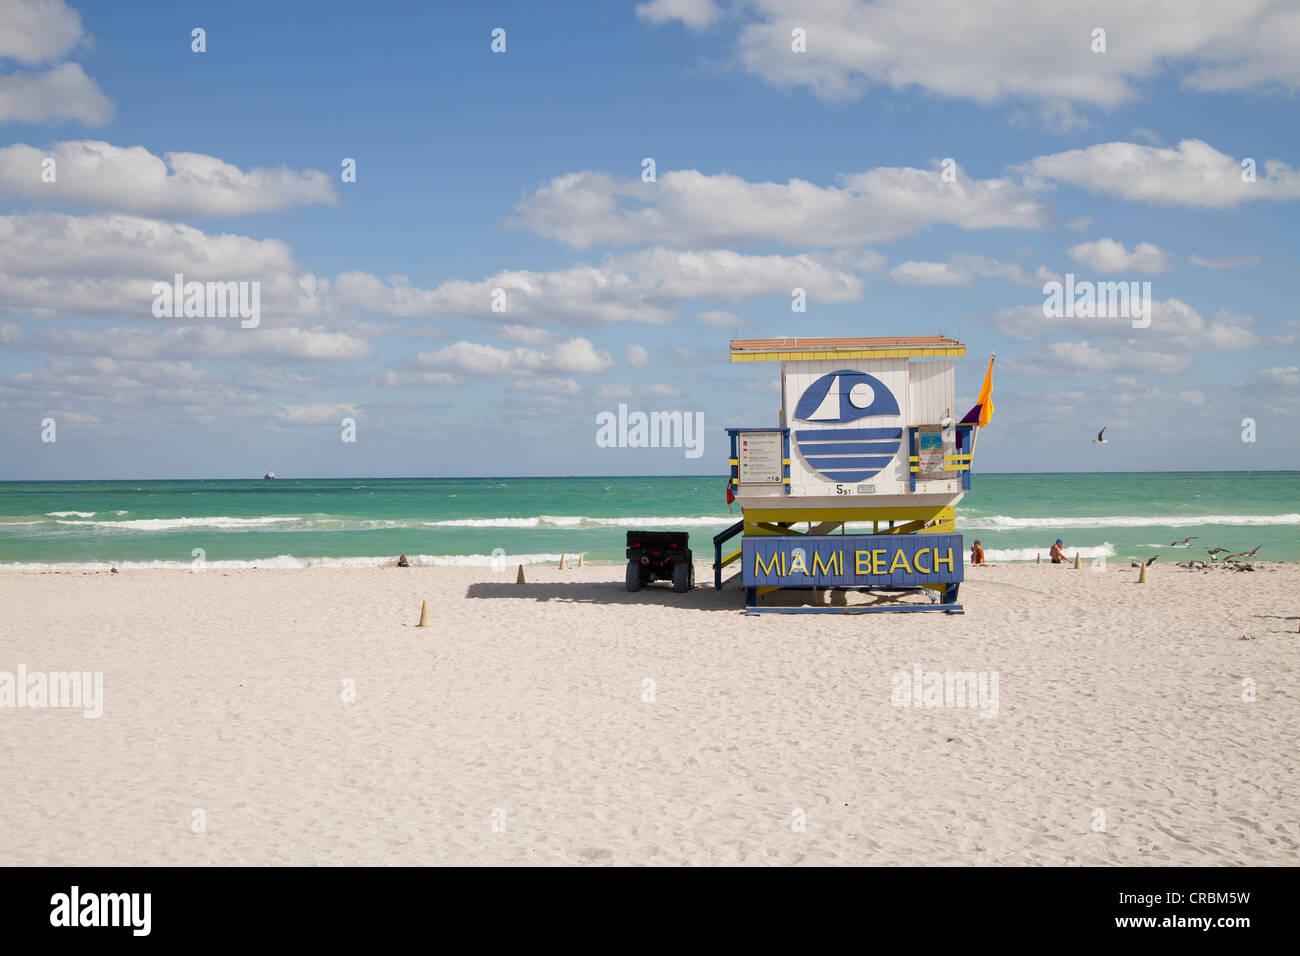 Lifeguard hut, 'Miami Beach' written on it, South Beach, Miami, Florida, USA - Stock Image